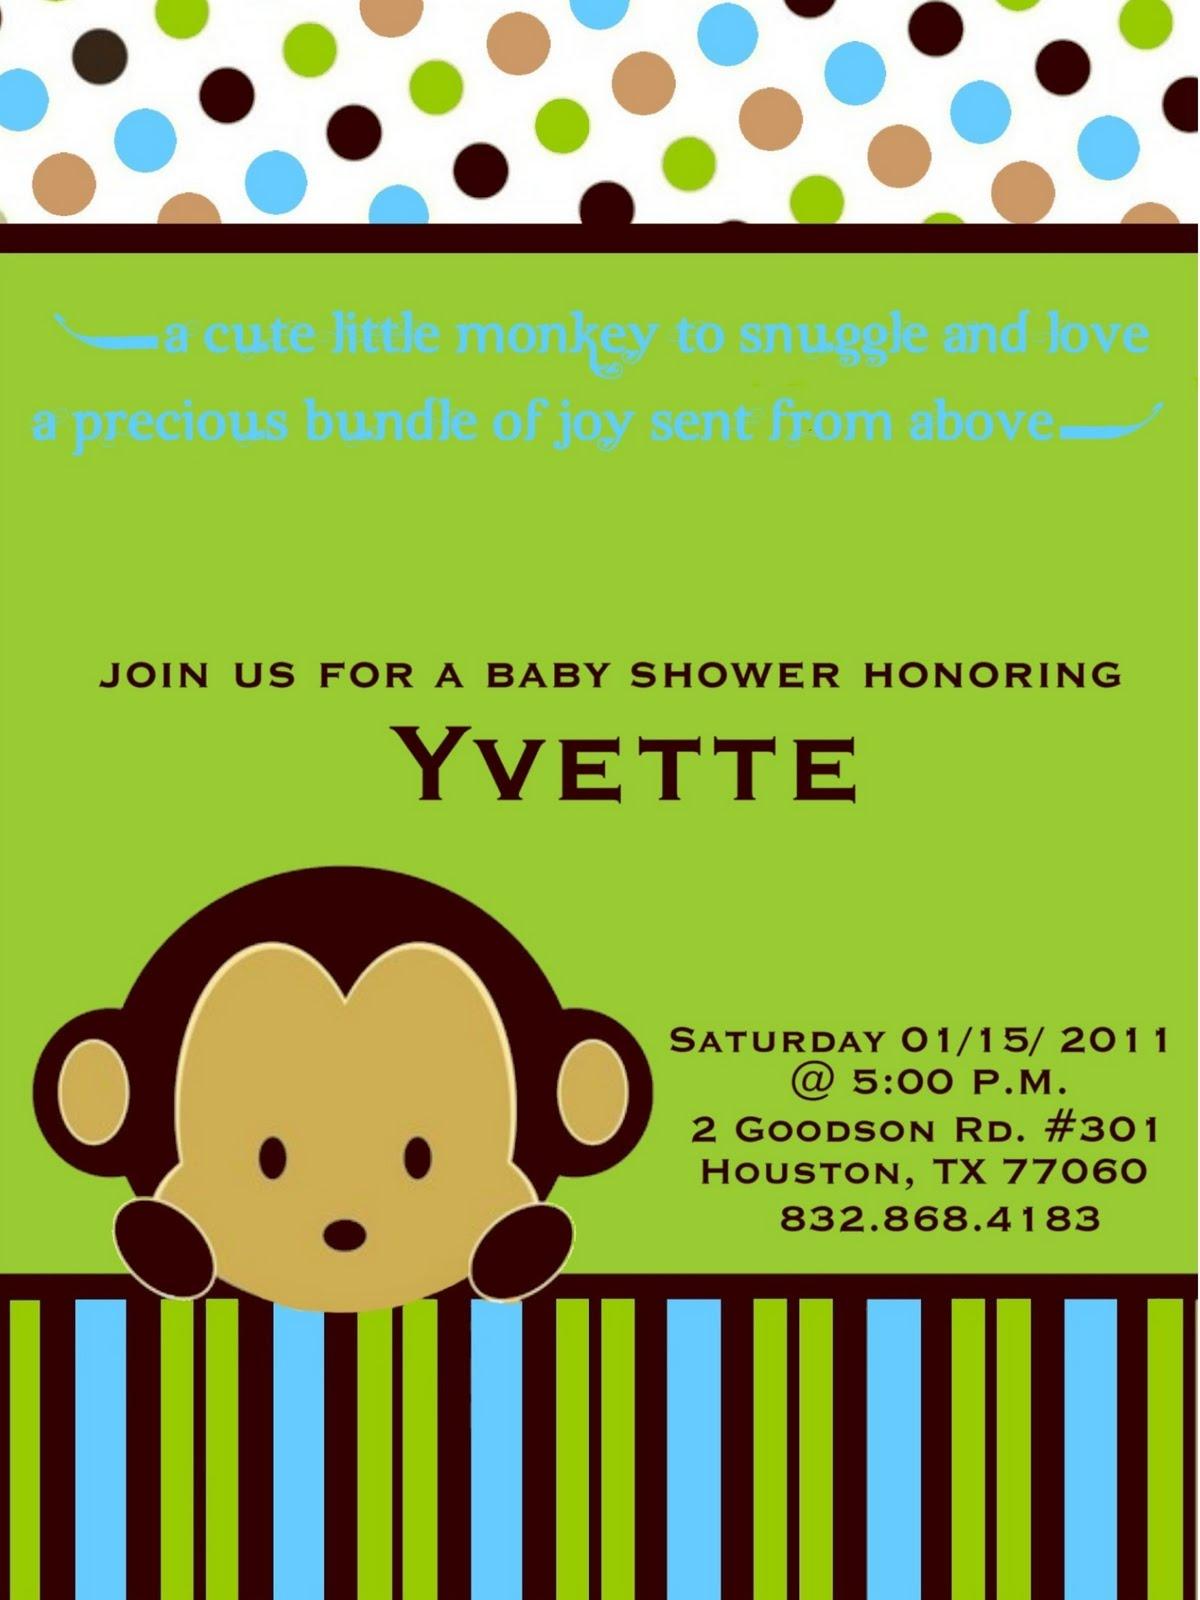 bellygusher: Yvette's baby shower